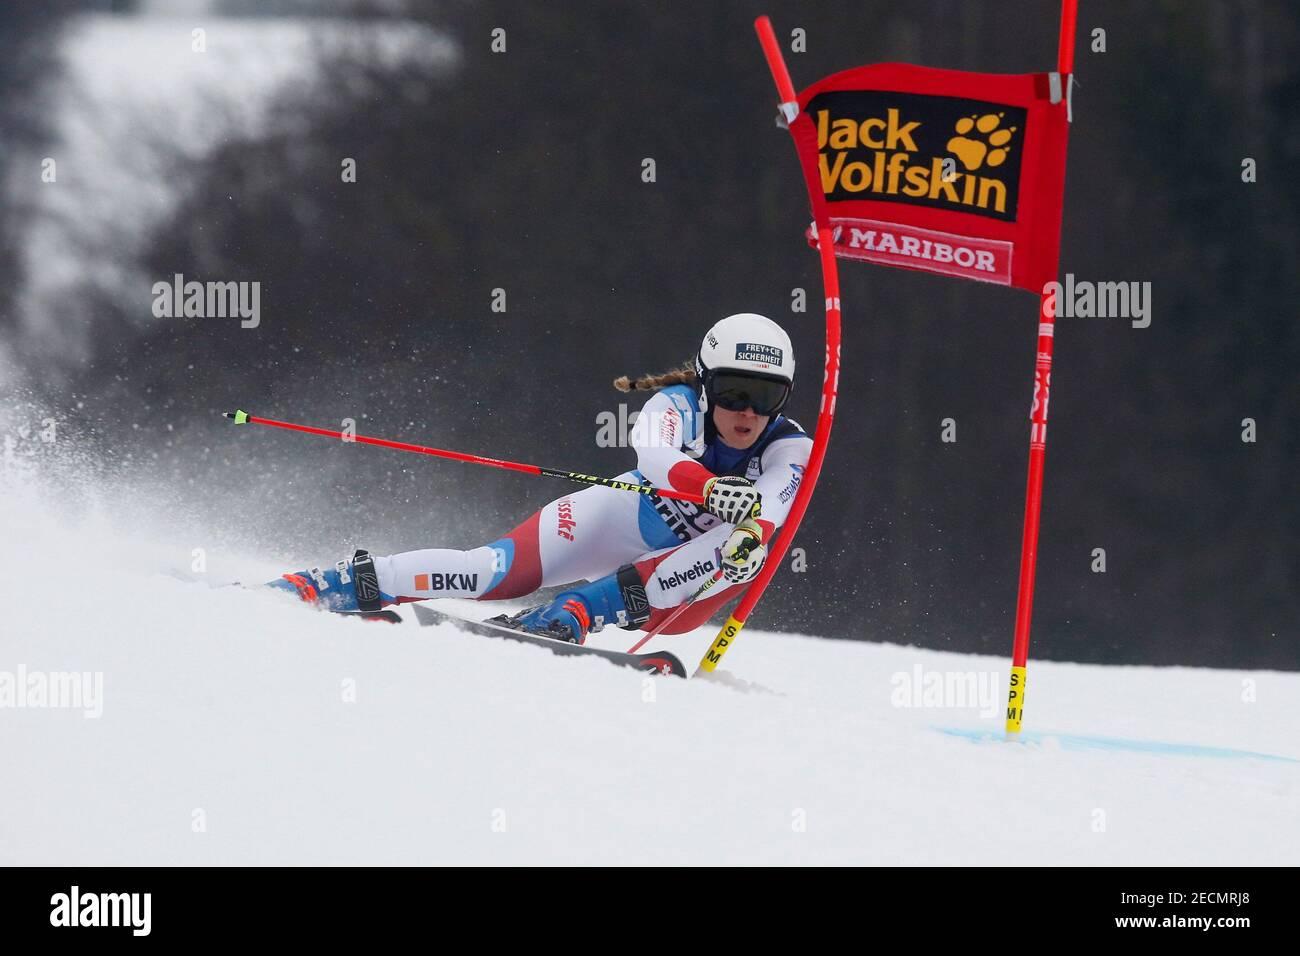 Ski alpin - coupe du monde de ski alpin - Slalom féminin - Slalom féminin - Maribor, Slovénie - 1 février 2019 Andrea Ellenberger, Suisse, en action pendant la première course REUTERS/Borut Zivulovic Banque D'Images